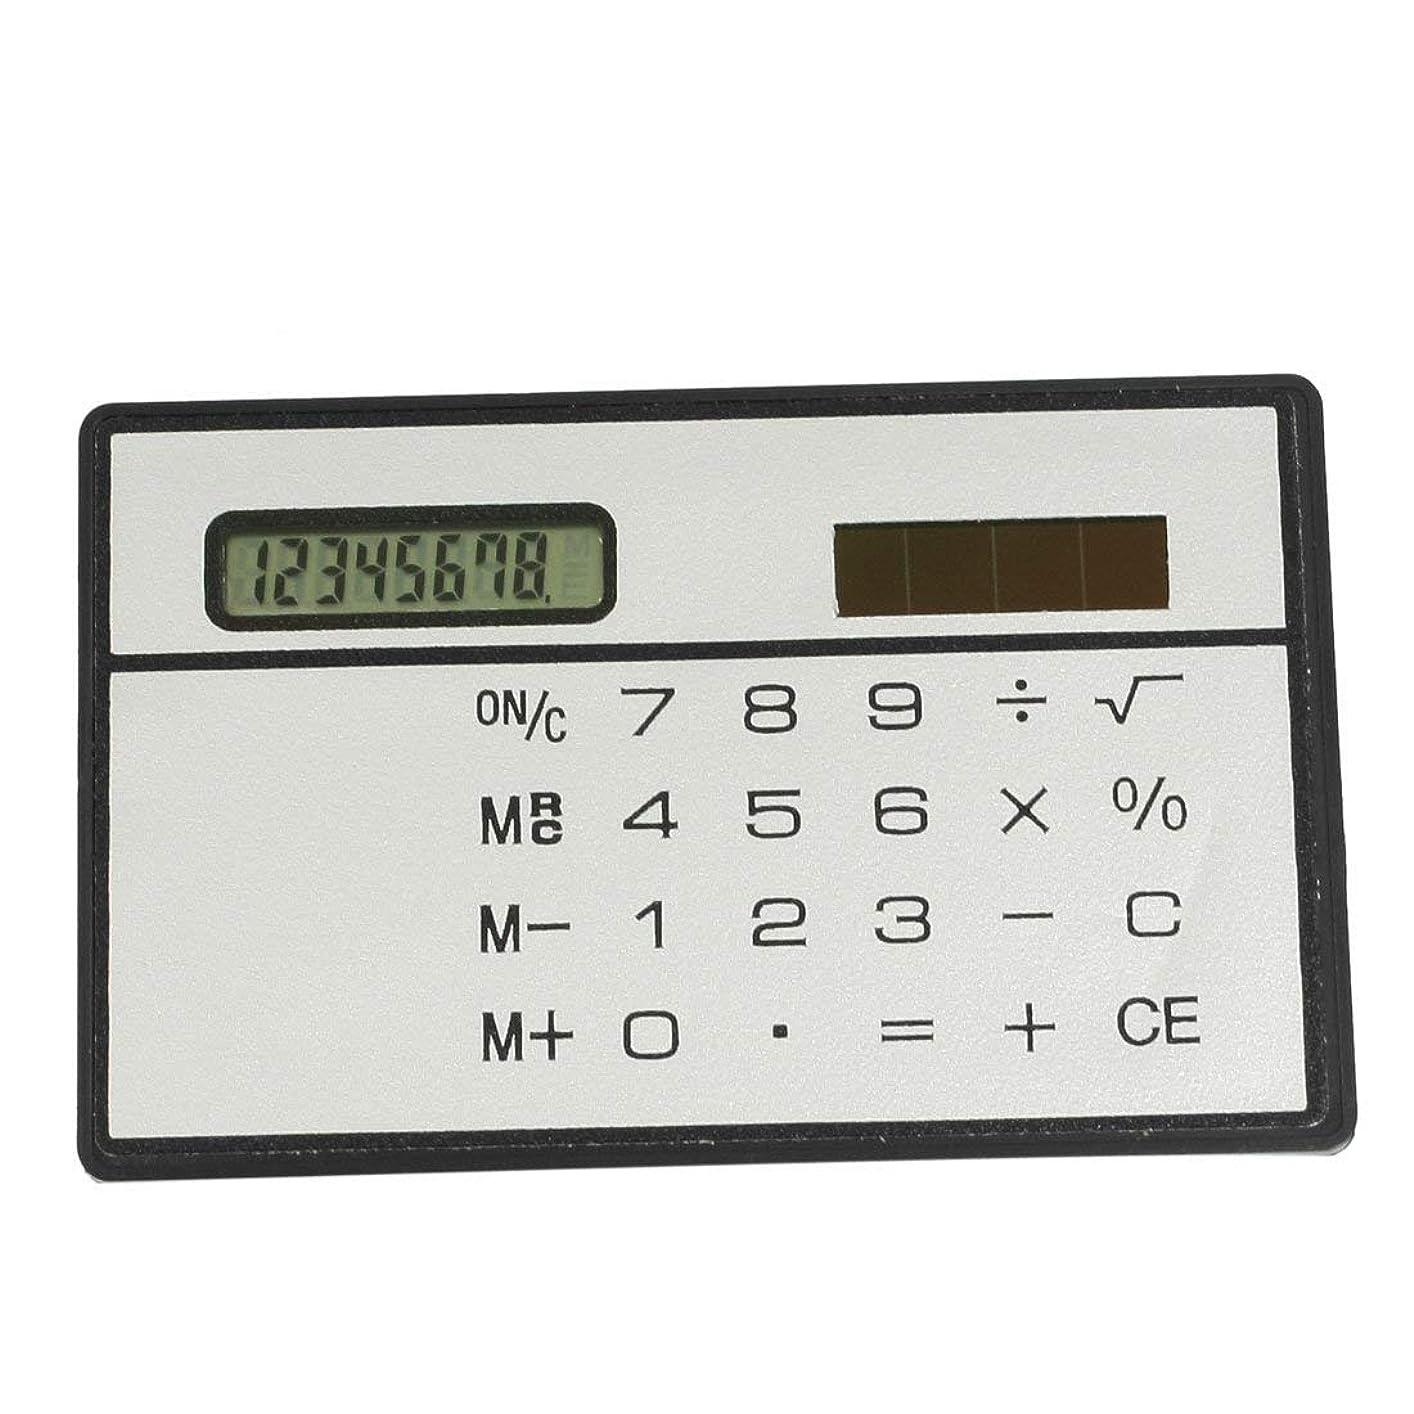 ピボットビジュアル場合Tyou Tyou 太陽エネルギー コンピューター カード 個性的な デザイン 電卓 時間 税計算 電卓 学校用品 文房具 超軽量 超薄型 電卓 1個